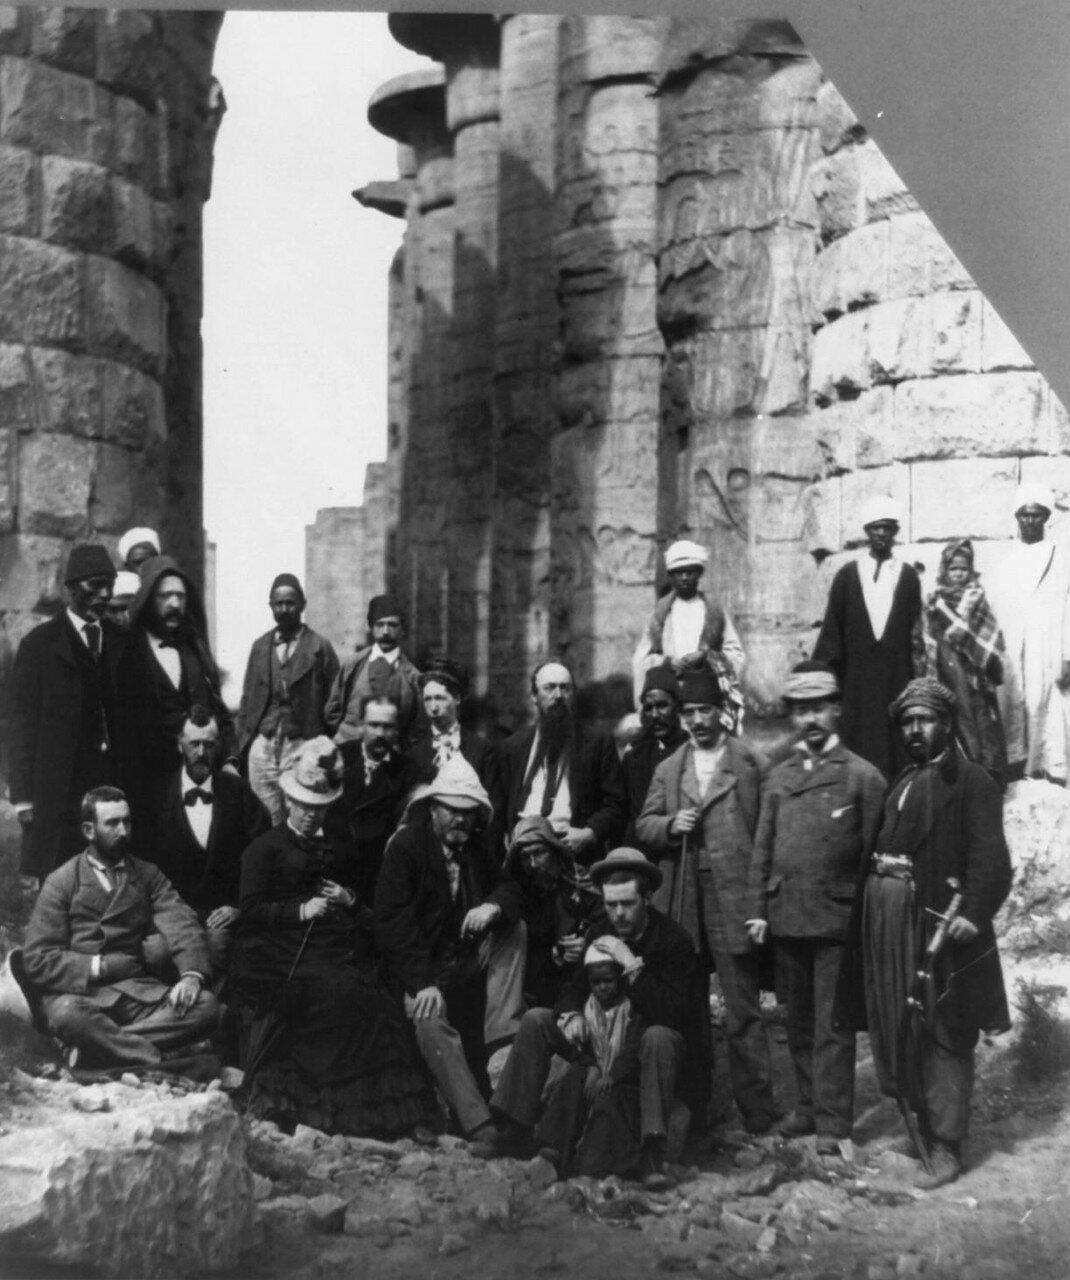 Улисс Грант (18 президент США) возле Пирамид